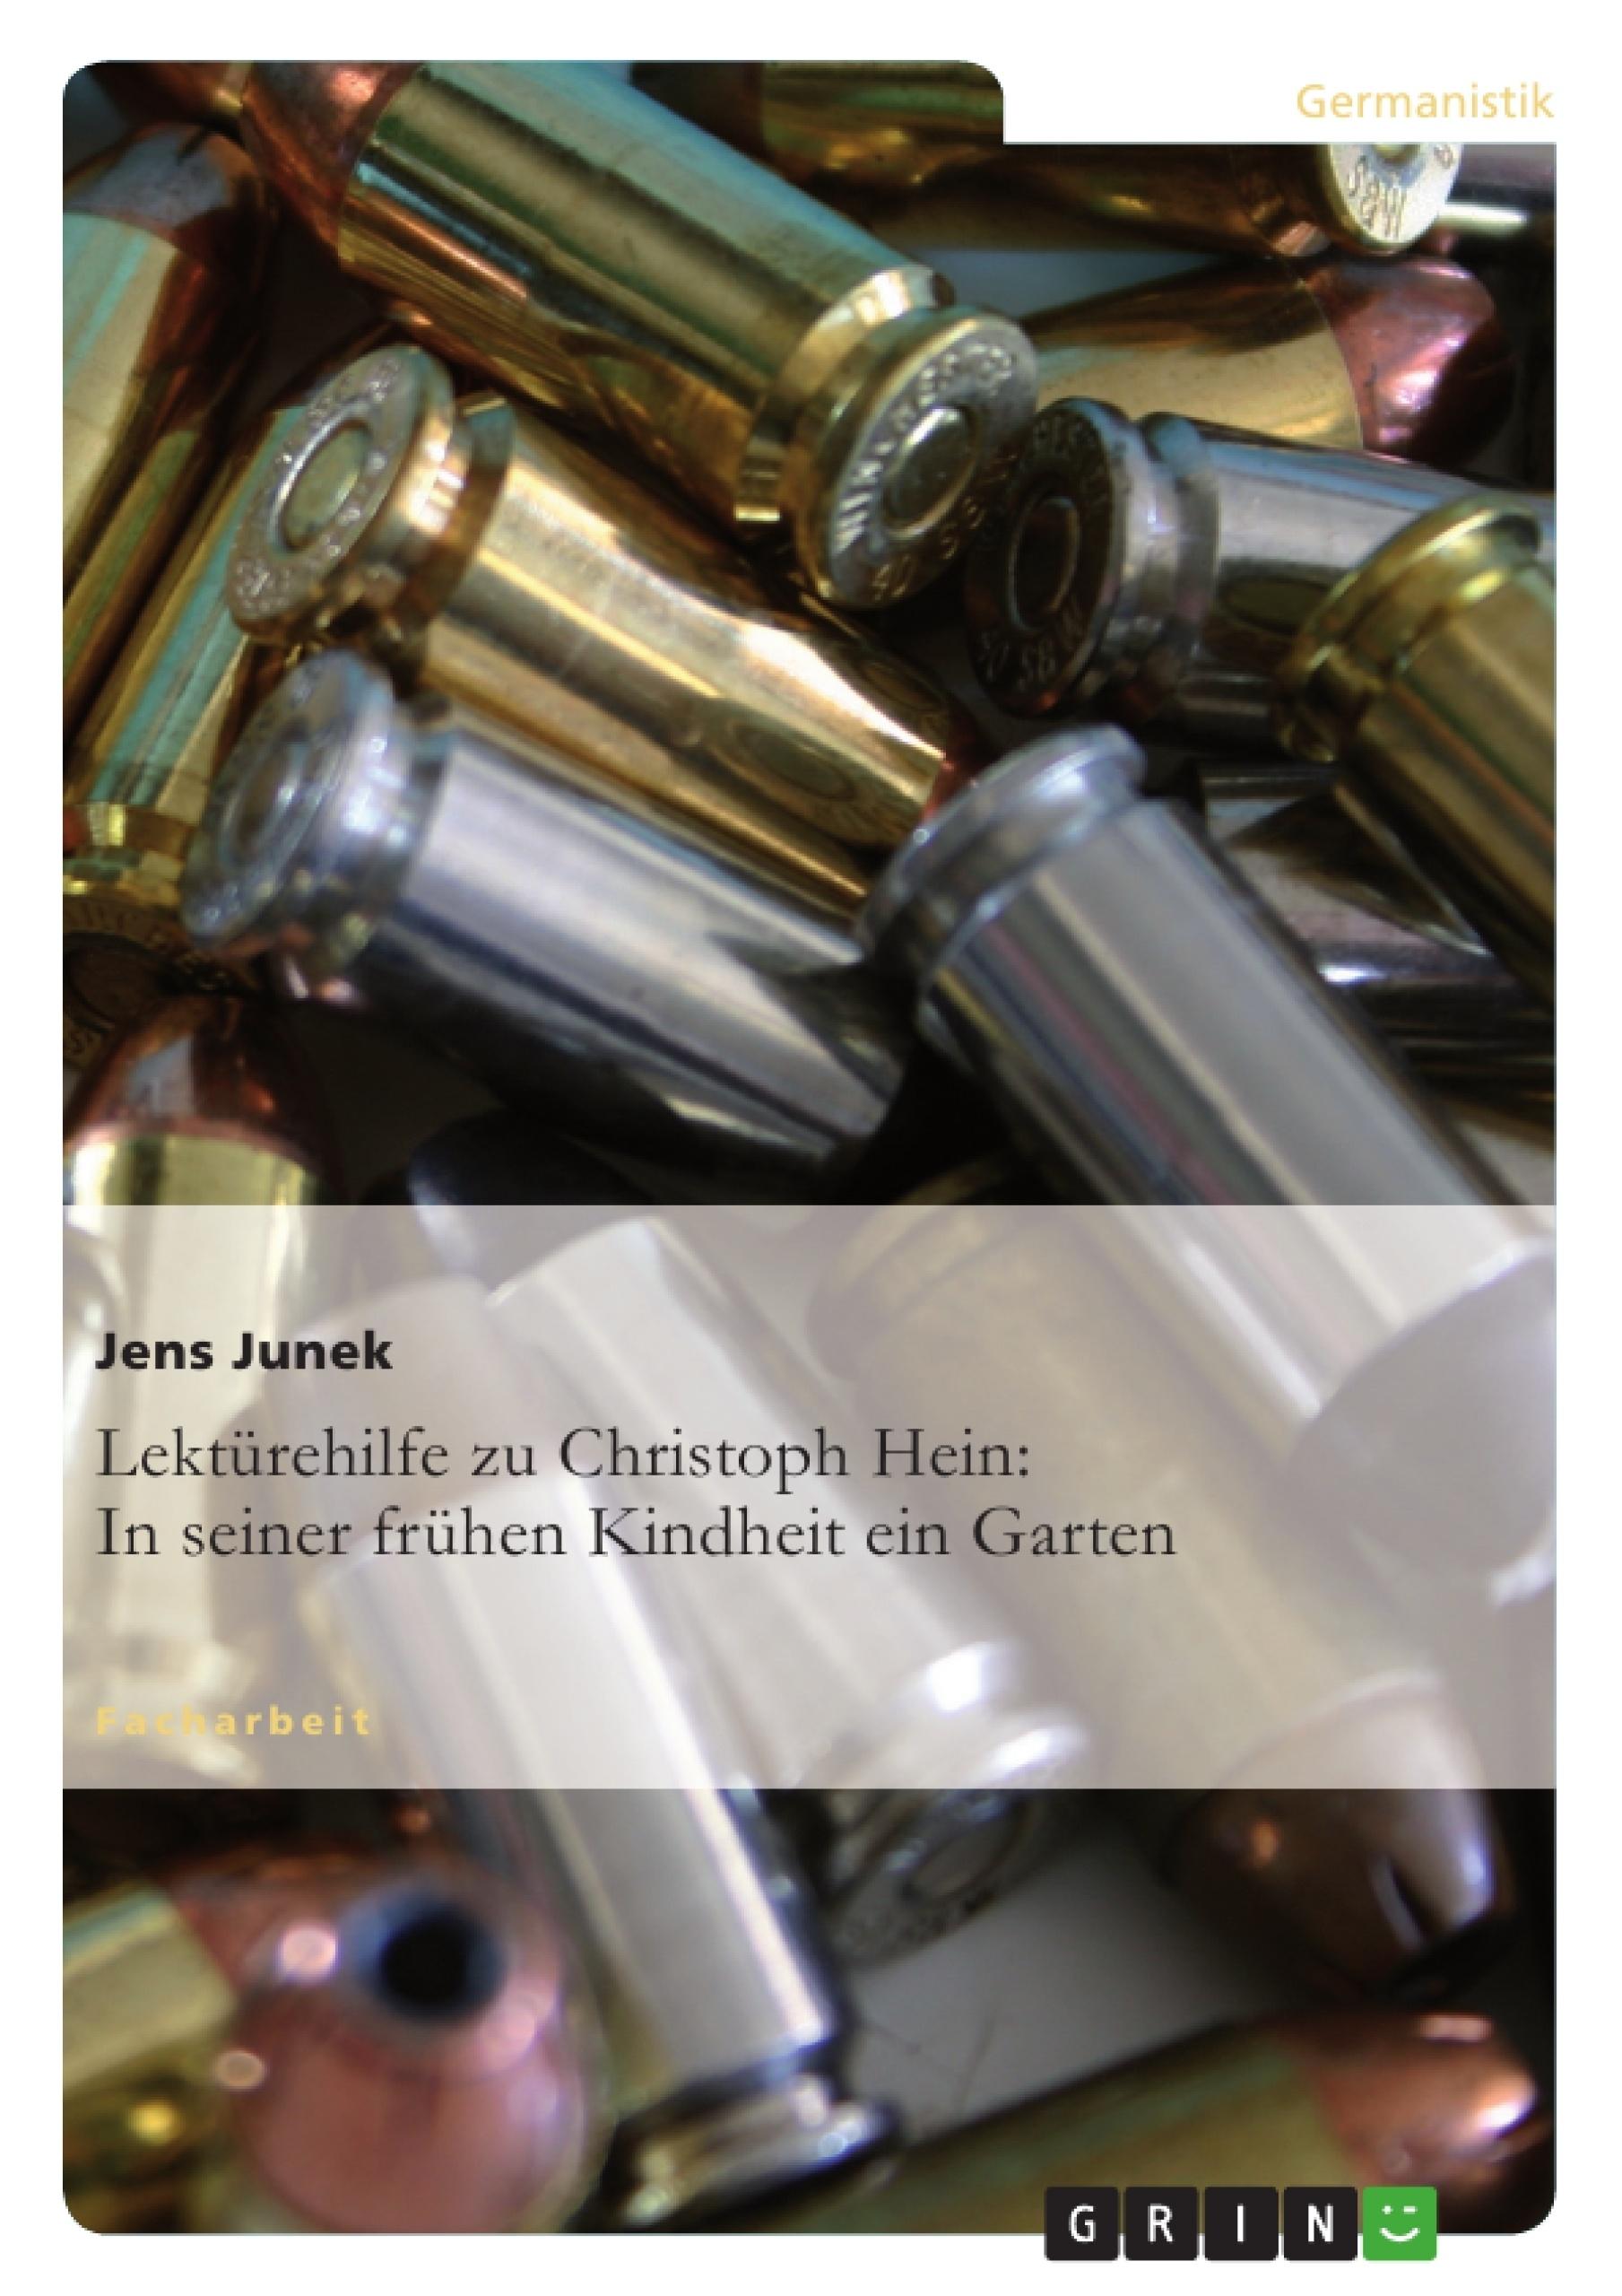 Titel: Lektürehilfe zu Christoph Hein: In seiner frühen Kindheit ein Garten